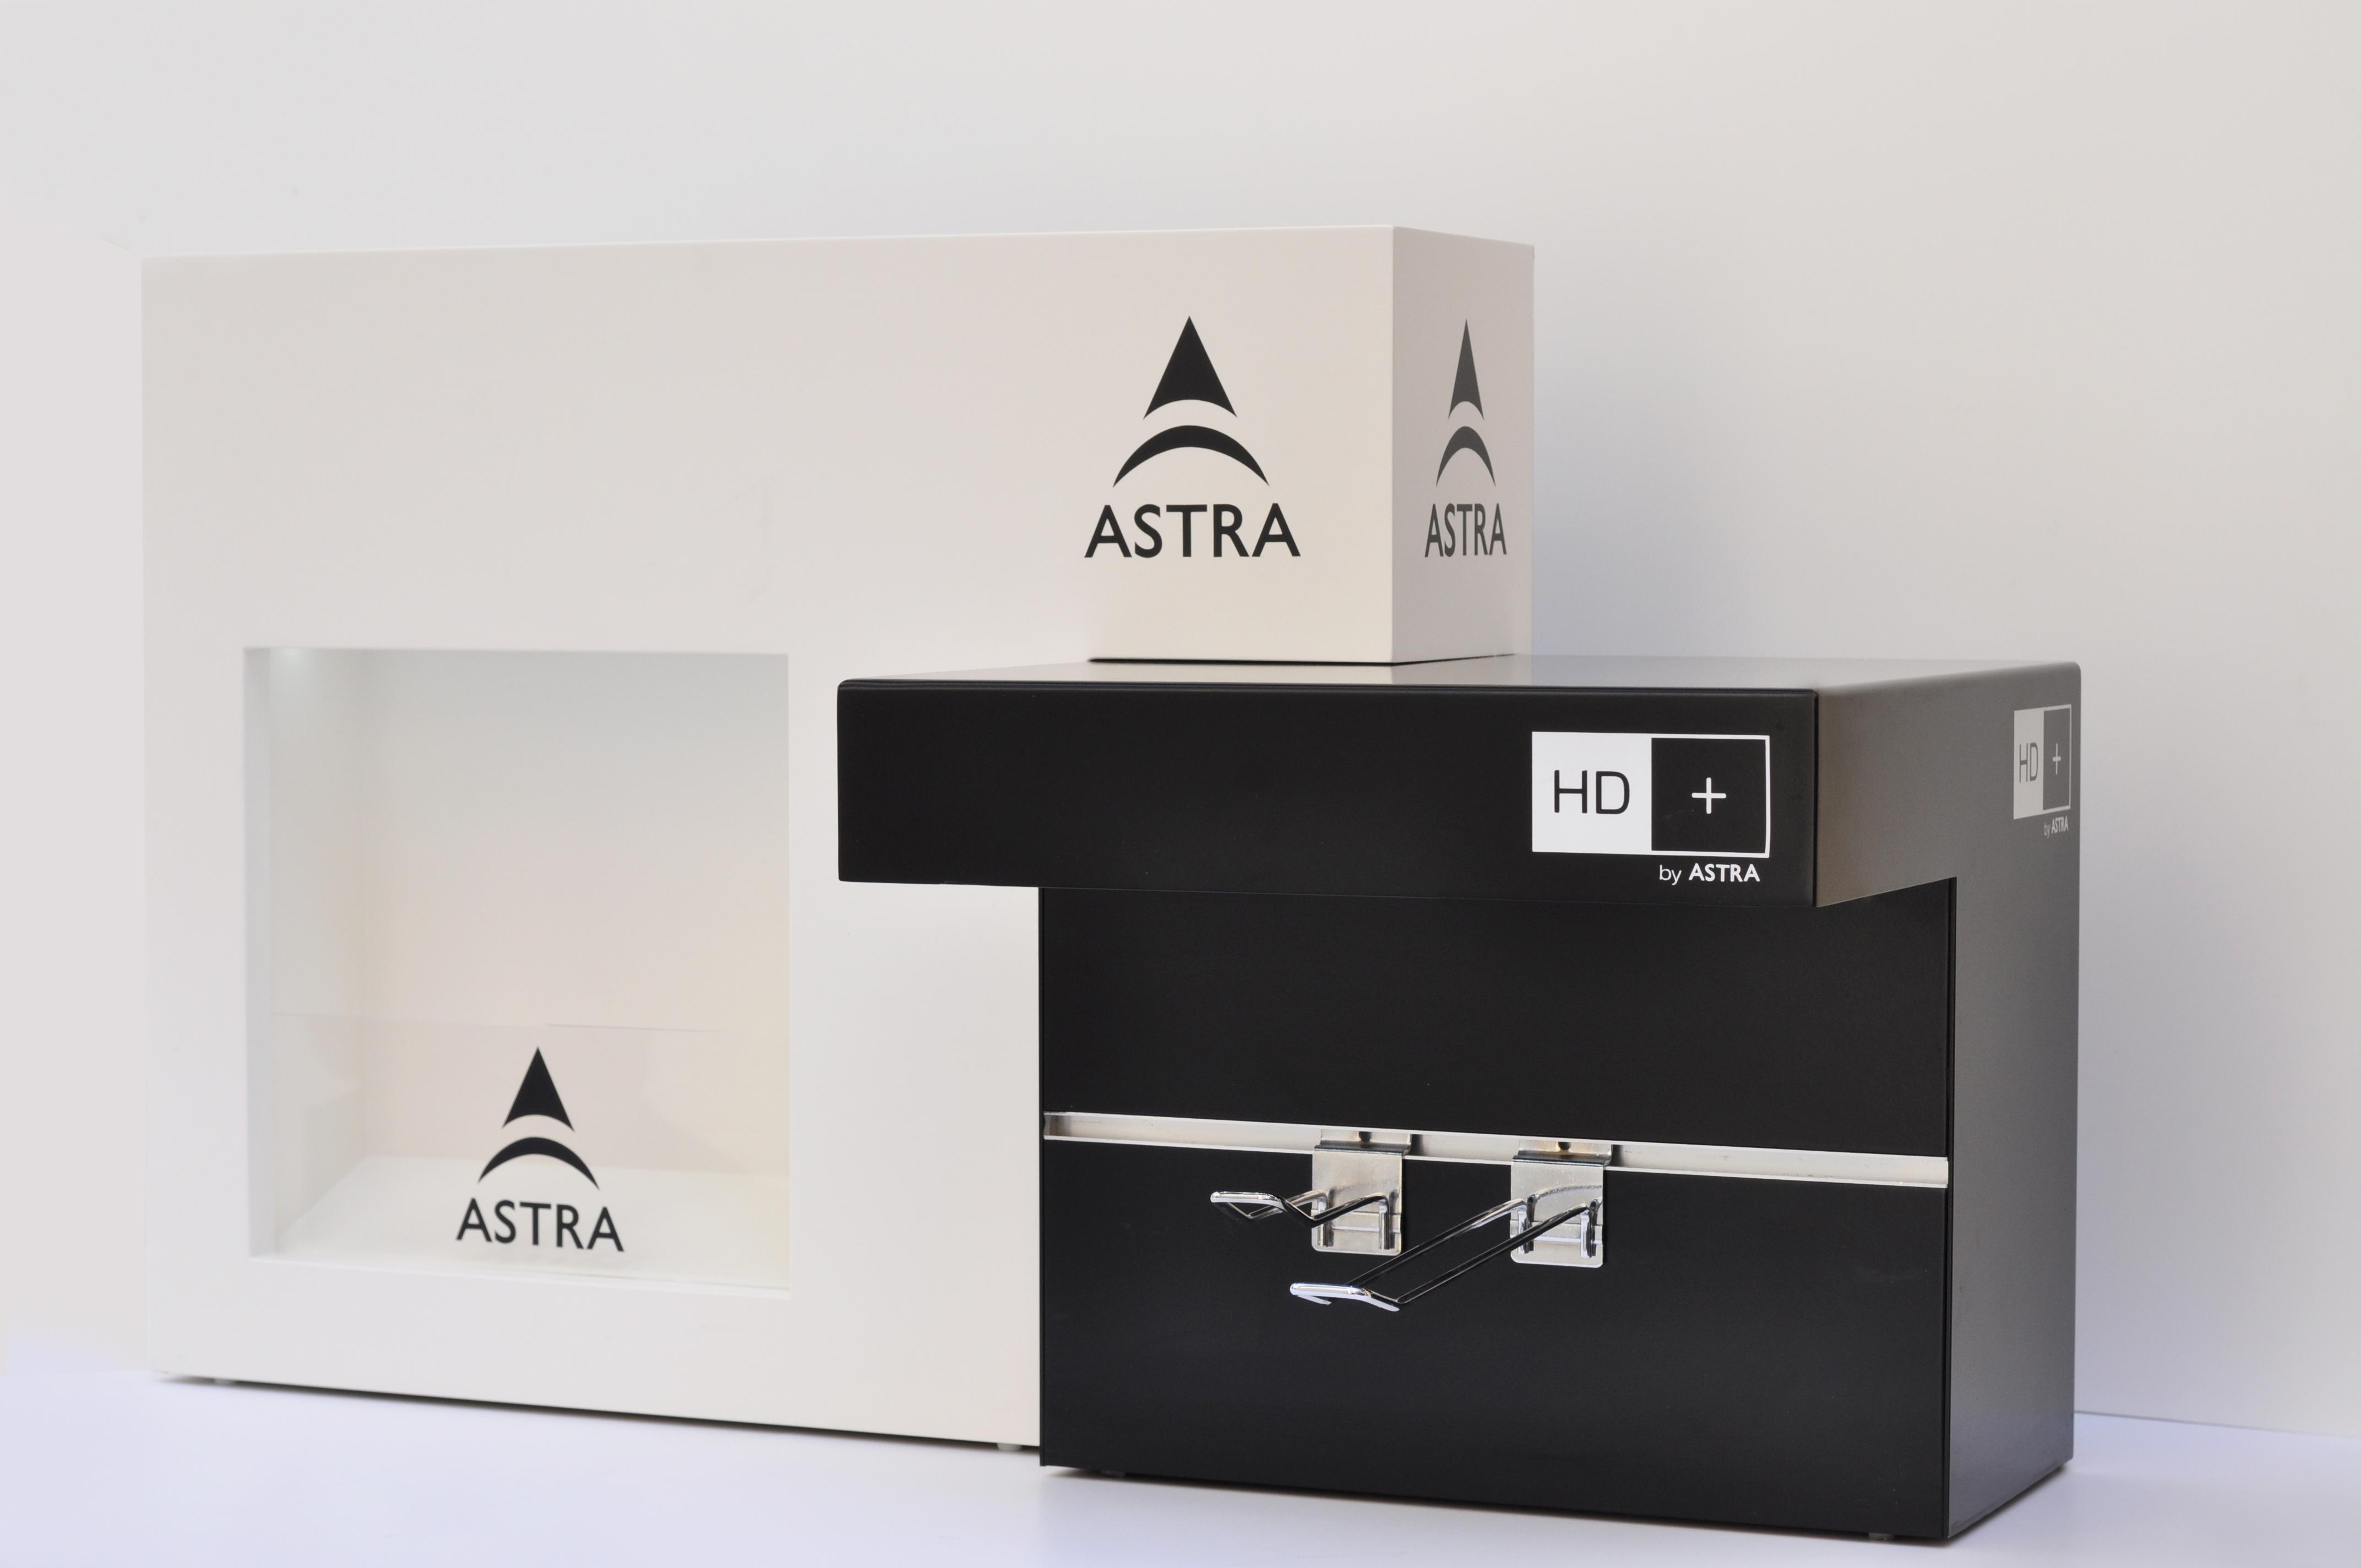 Astra Display Ausschnitt.jpg